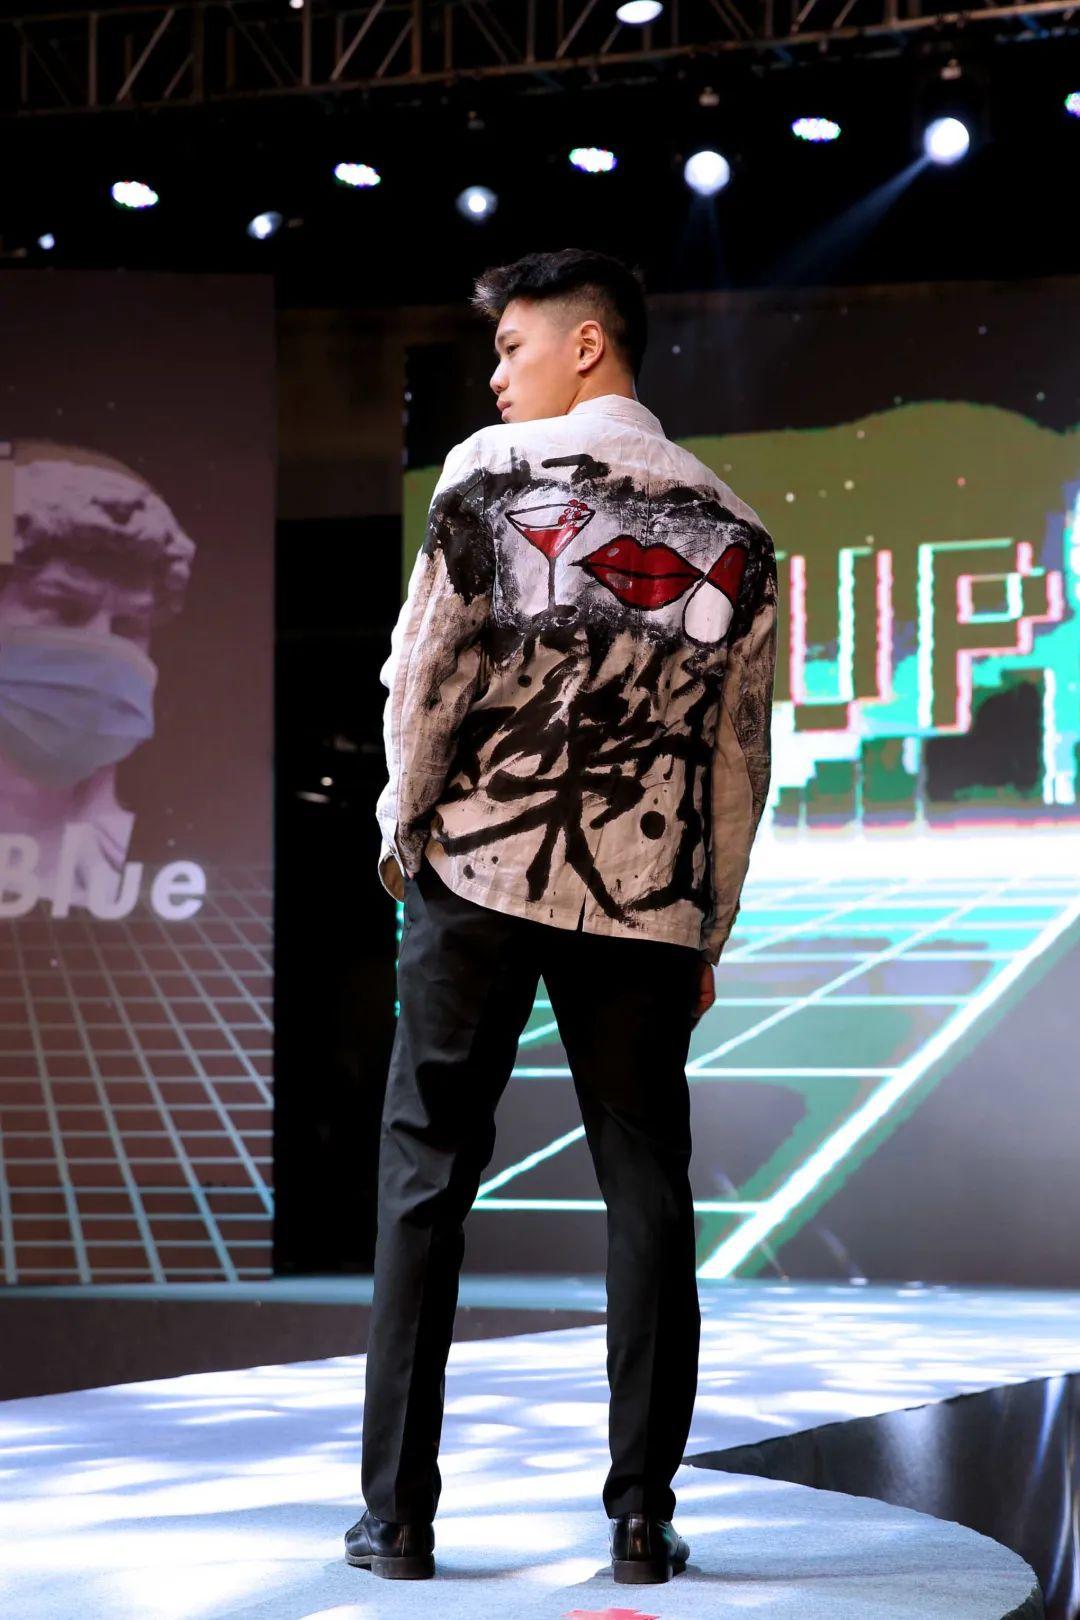 深国交2021 Fashion Show - 校园活动 疫情之下的时尚  深国交 深圳国际交流学院 第11张